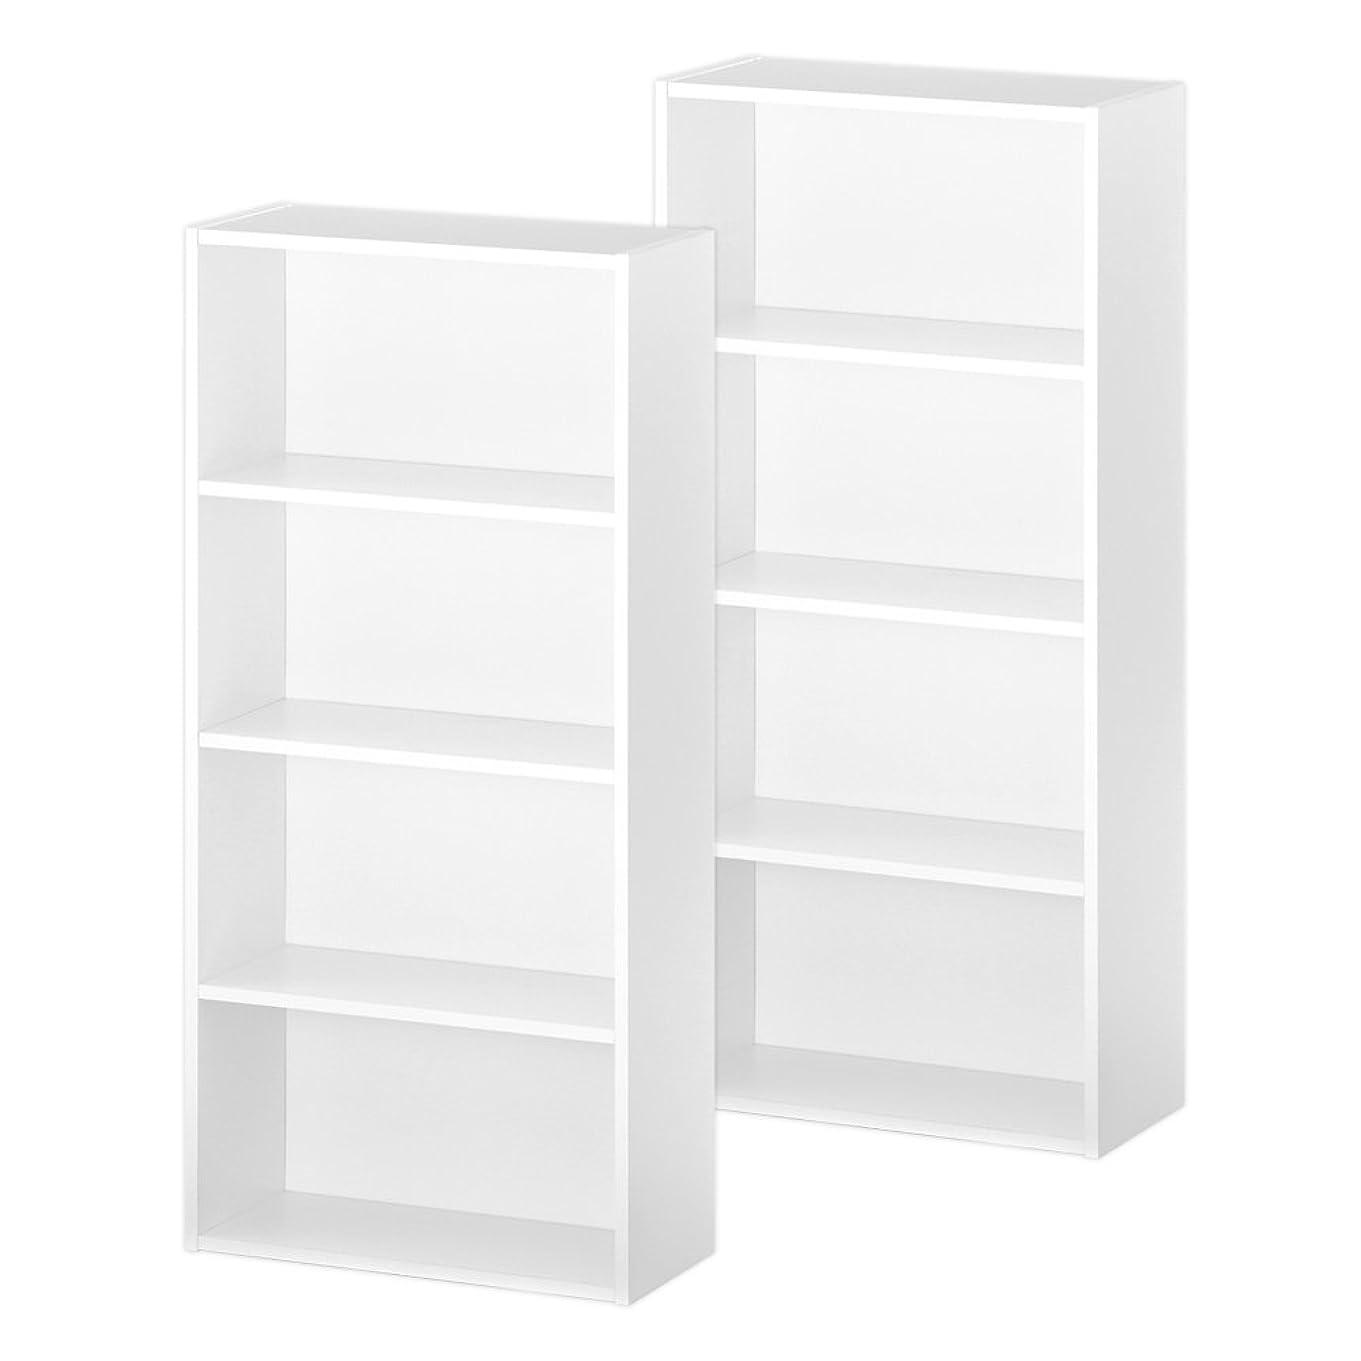 支出閲覧する満了ぼん家具 カラーボックス マルチラック 木製 収納箱 本棚 収納ケース 4段 2個組 ホワイト